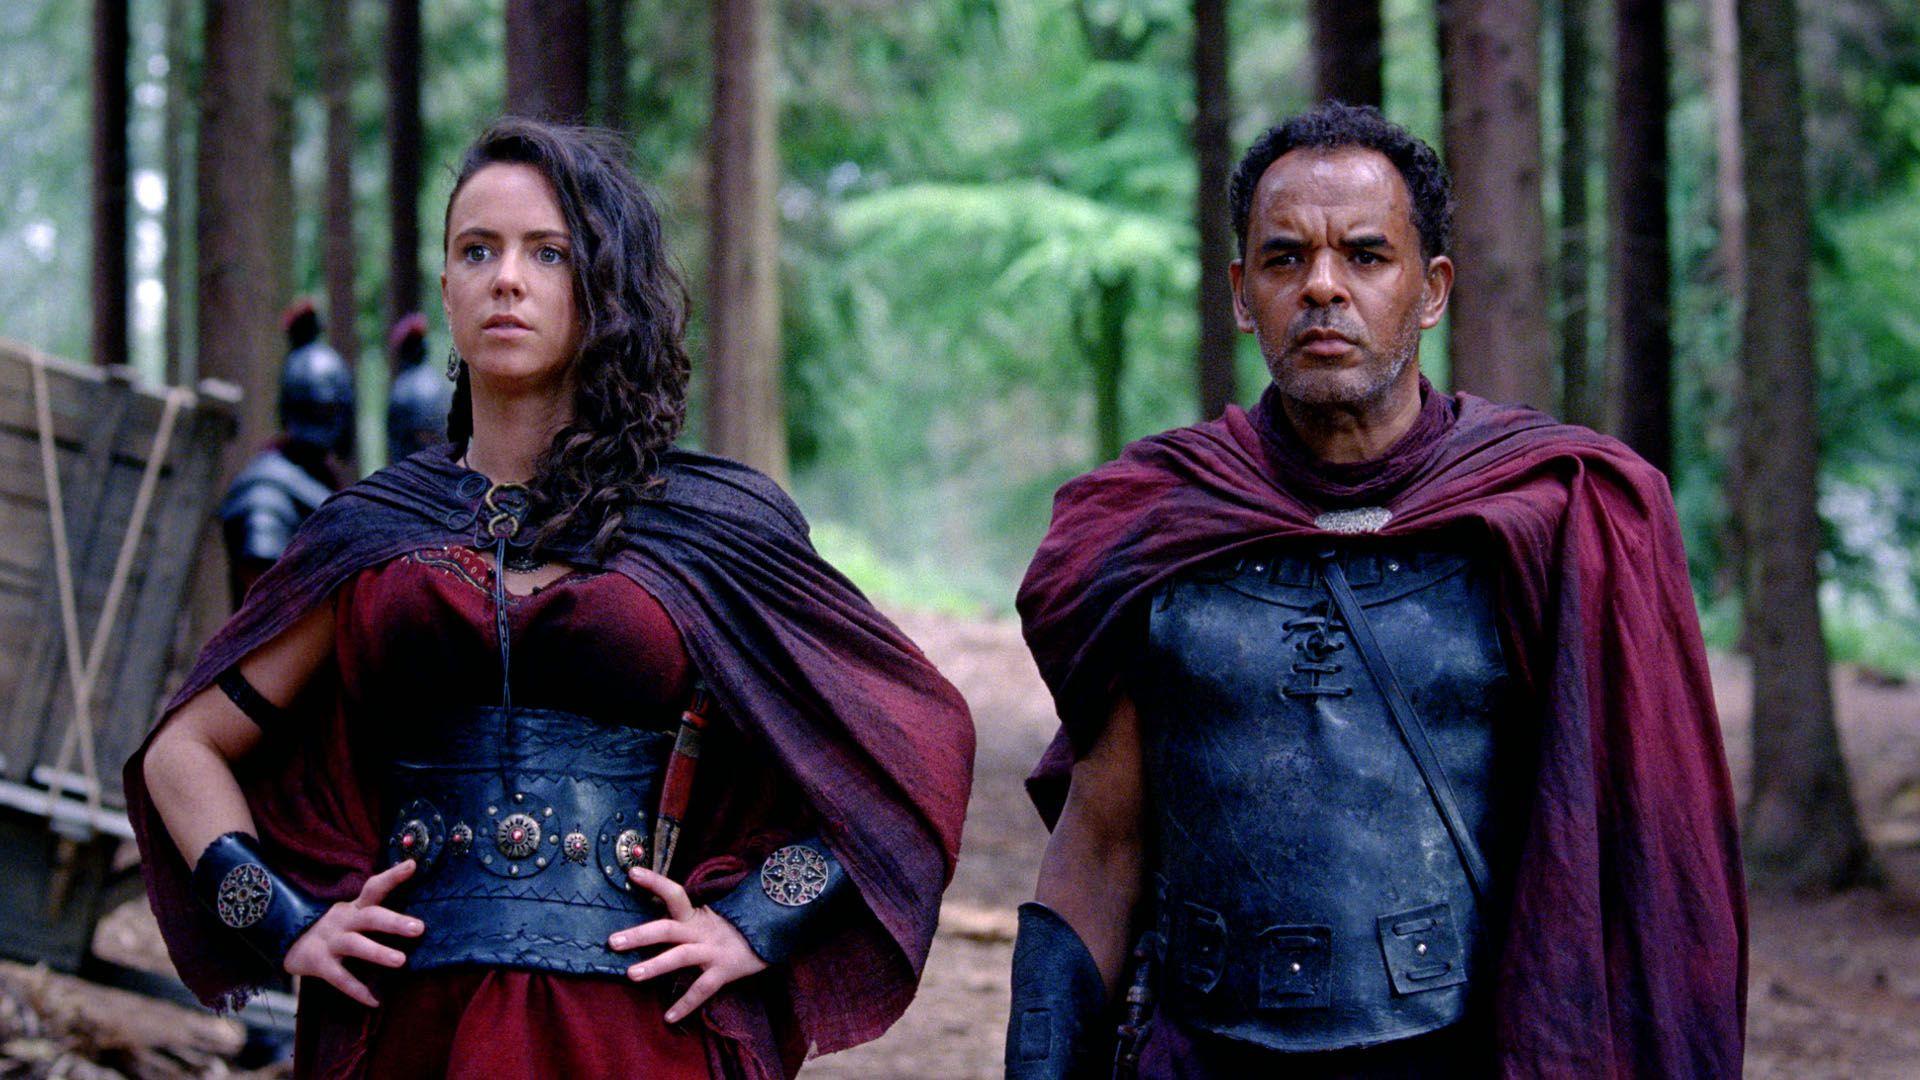 Atlantis - Medea and Goran